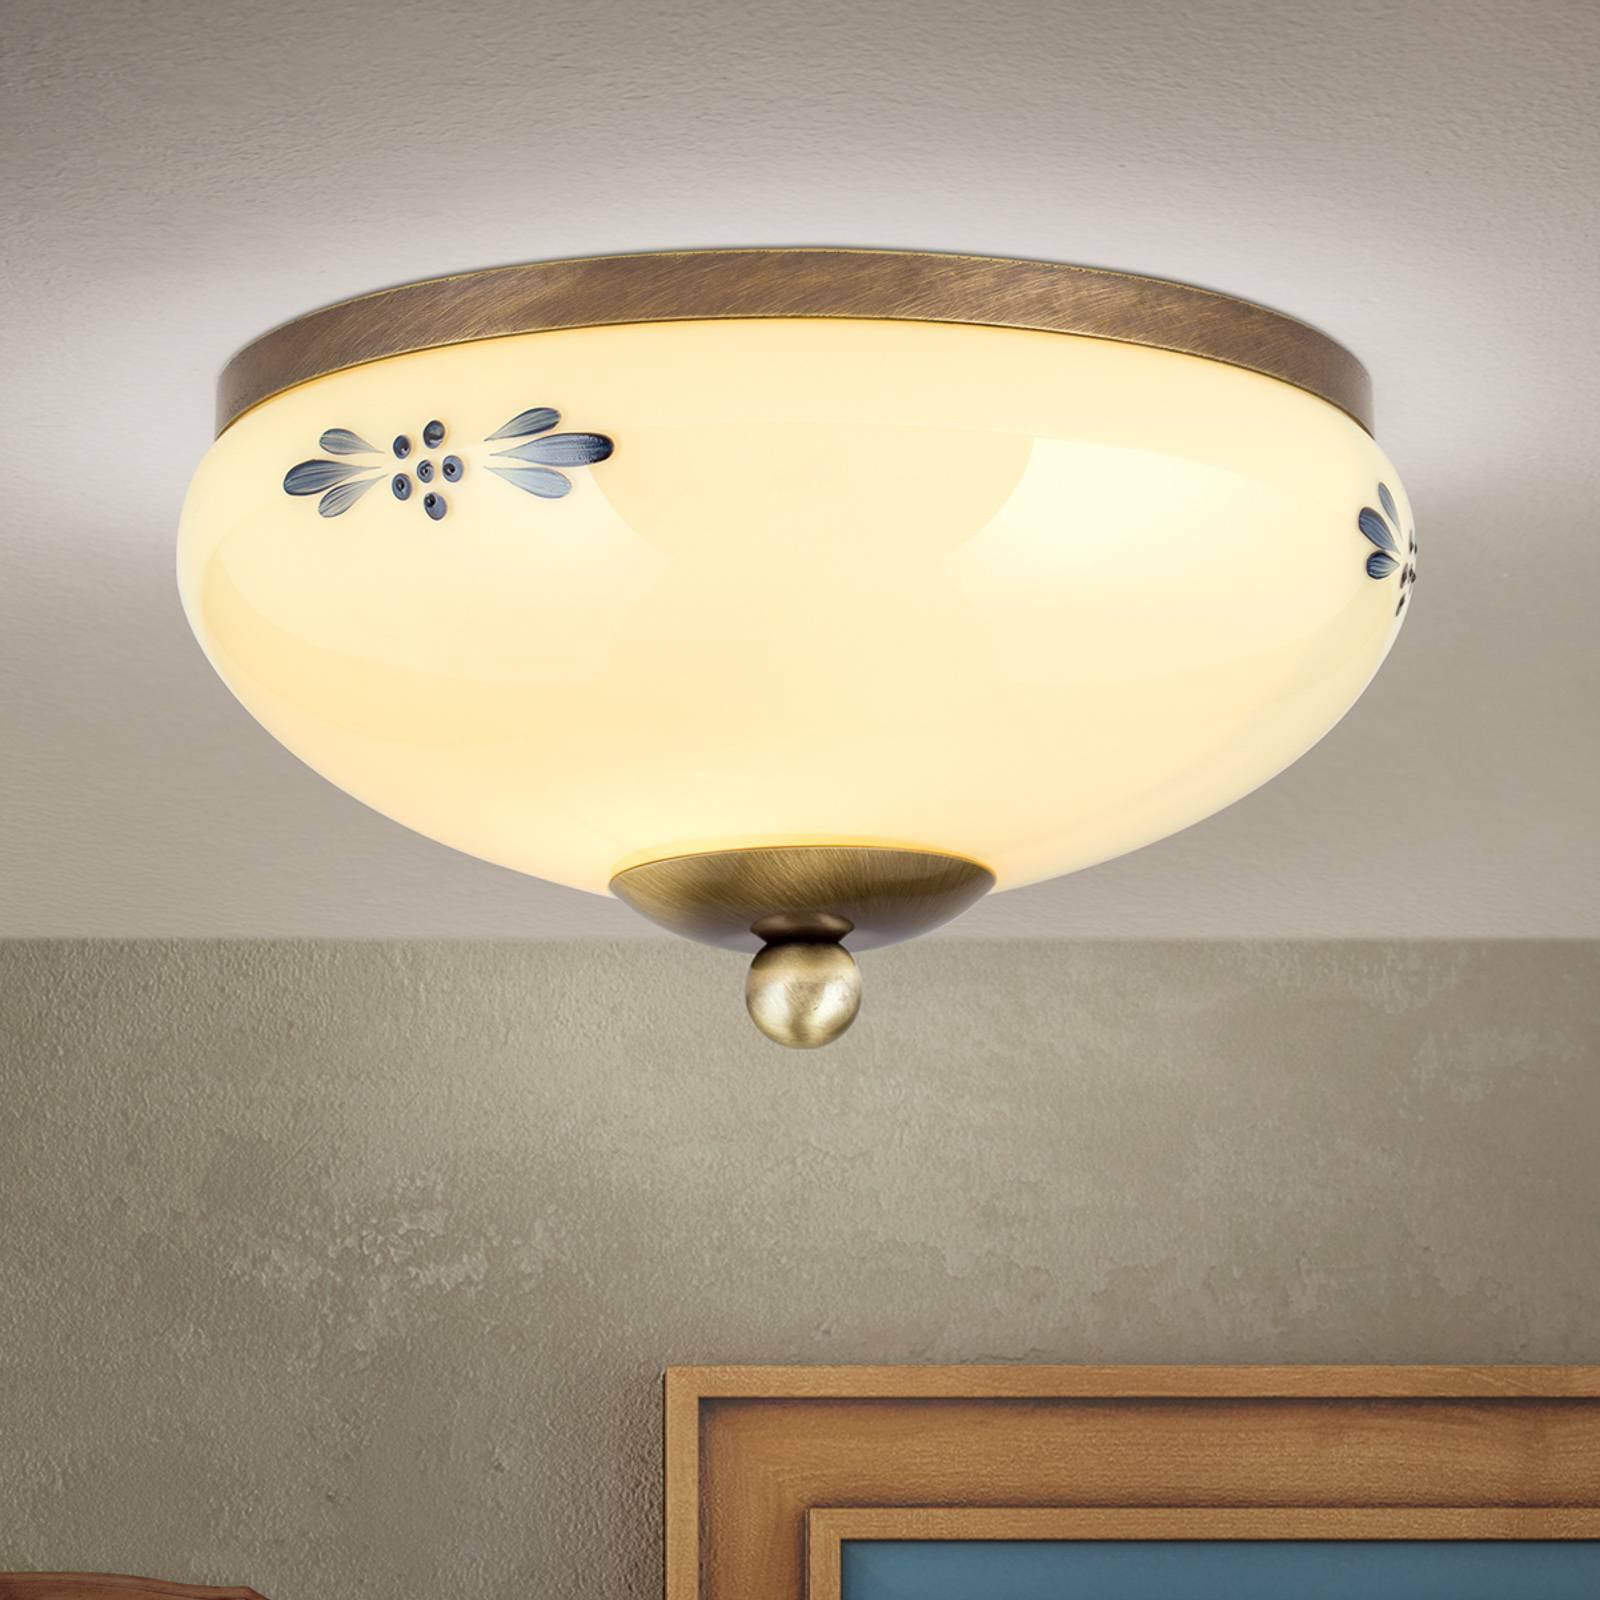 Lampa sufitowa Landhaus patyna niebieska Ø 21cm